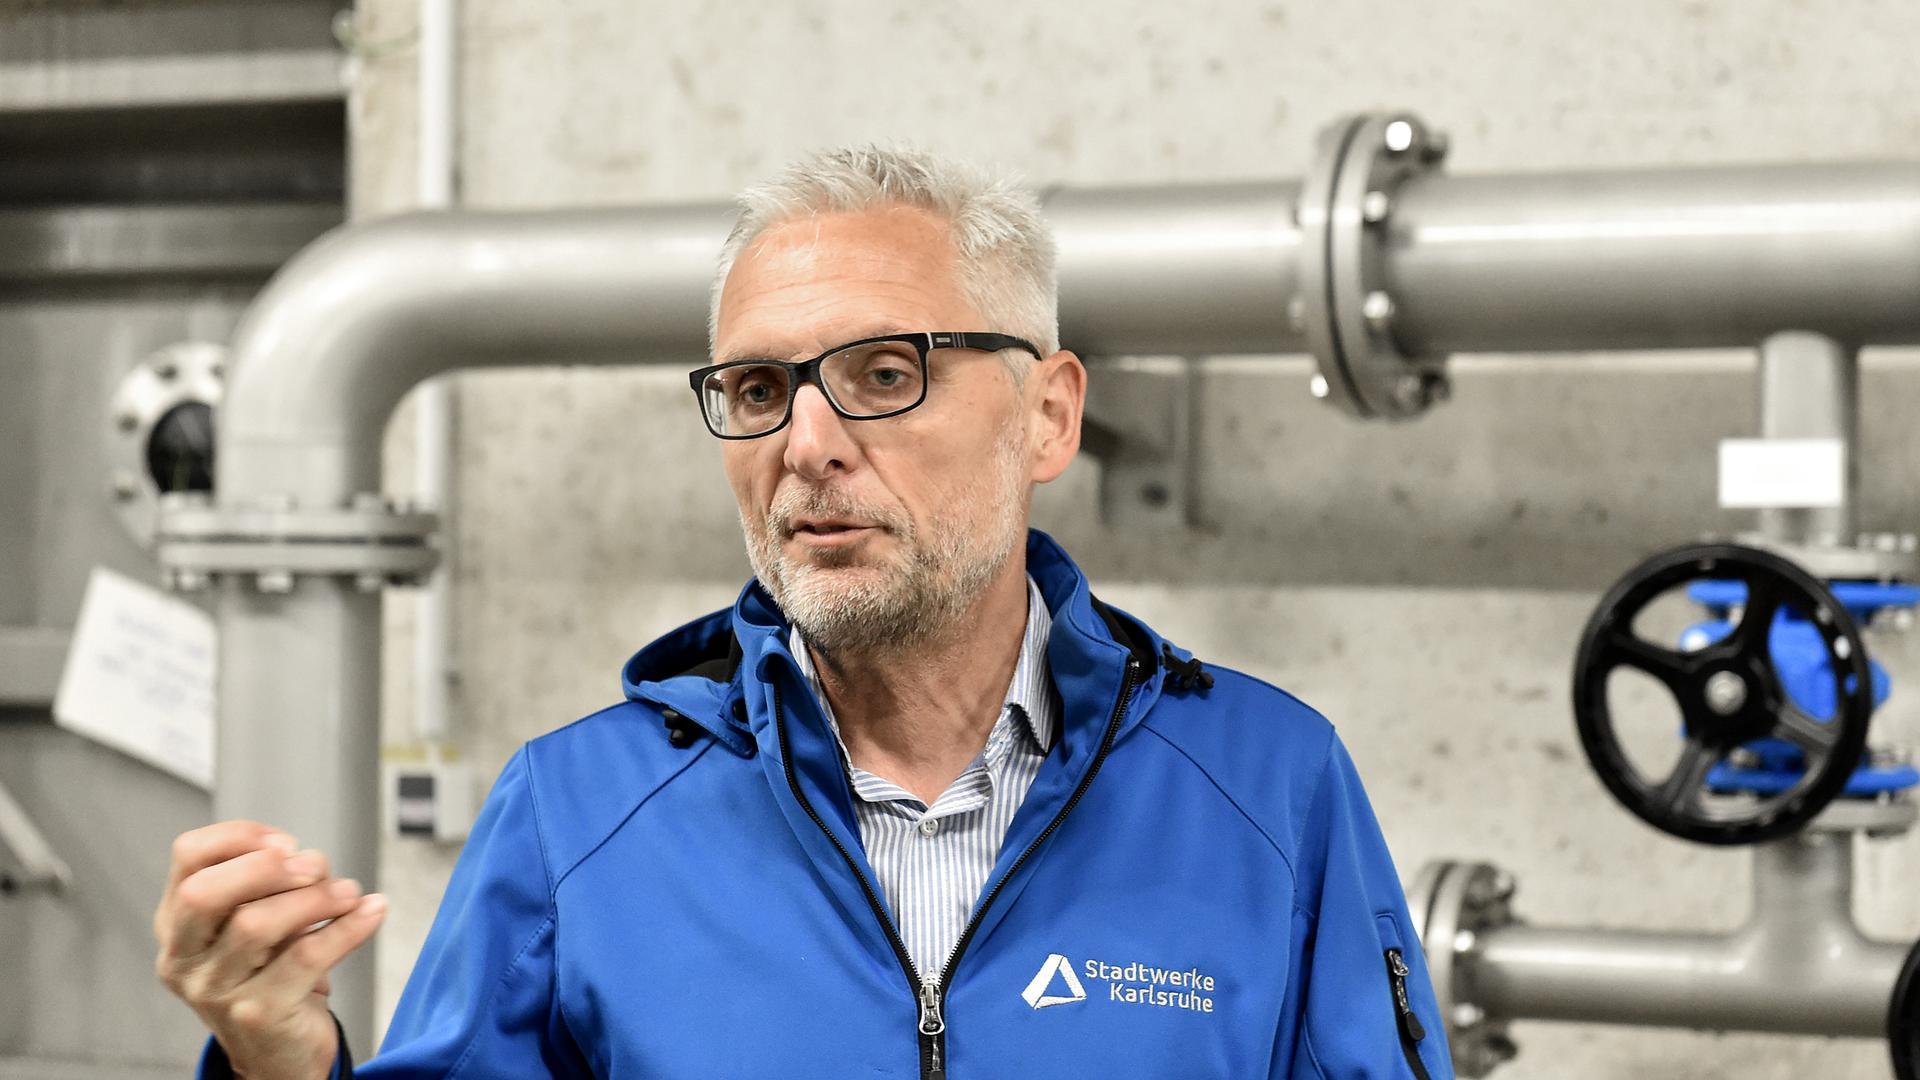 Matthias Maier, Leiter der Trinkwassergewinnung bei den Stadtwerken, glaubt nicht, dass Karlsruhe in einigen Jahrzehnten mit Wasserknappheit zu kämpfen hat.